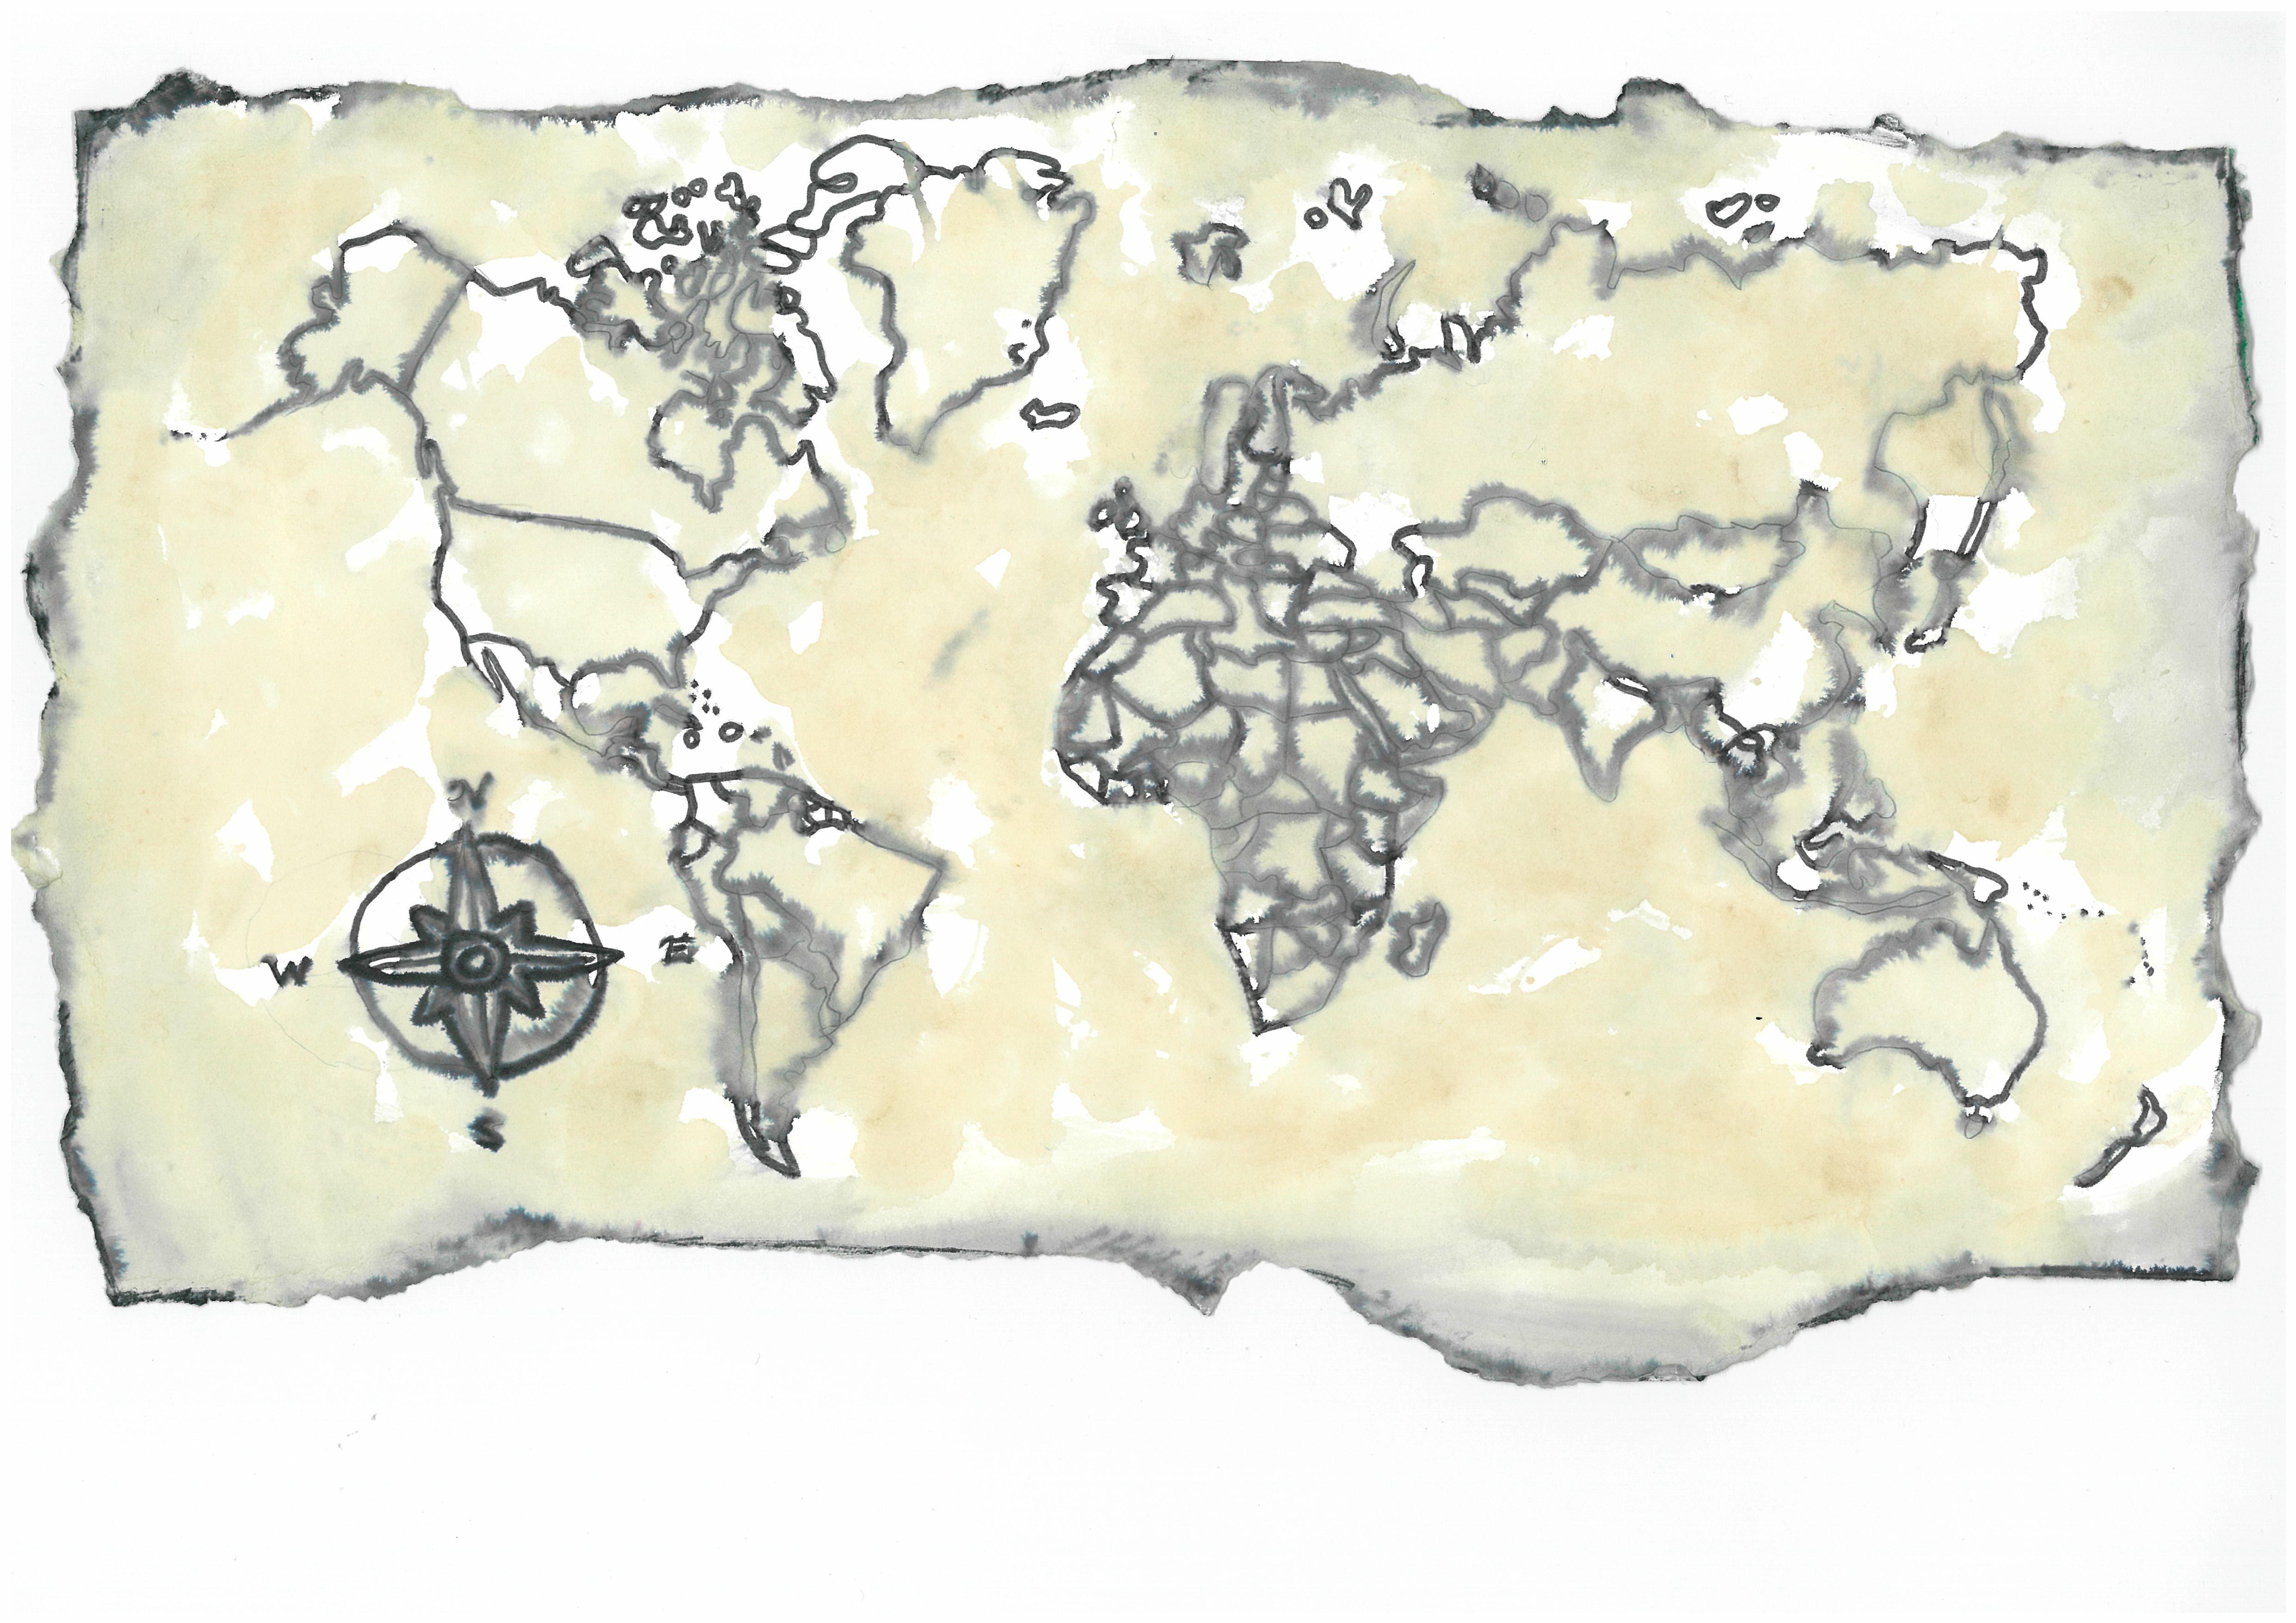 03 - I Love Old Maps Nicholas Gwyn - Age 12